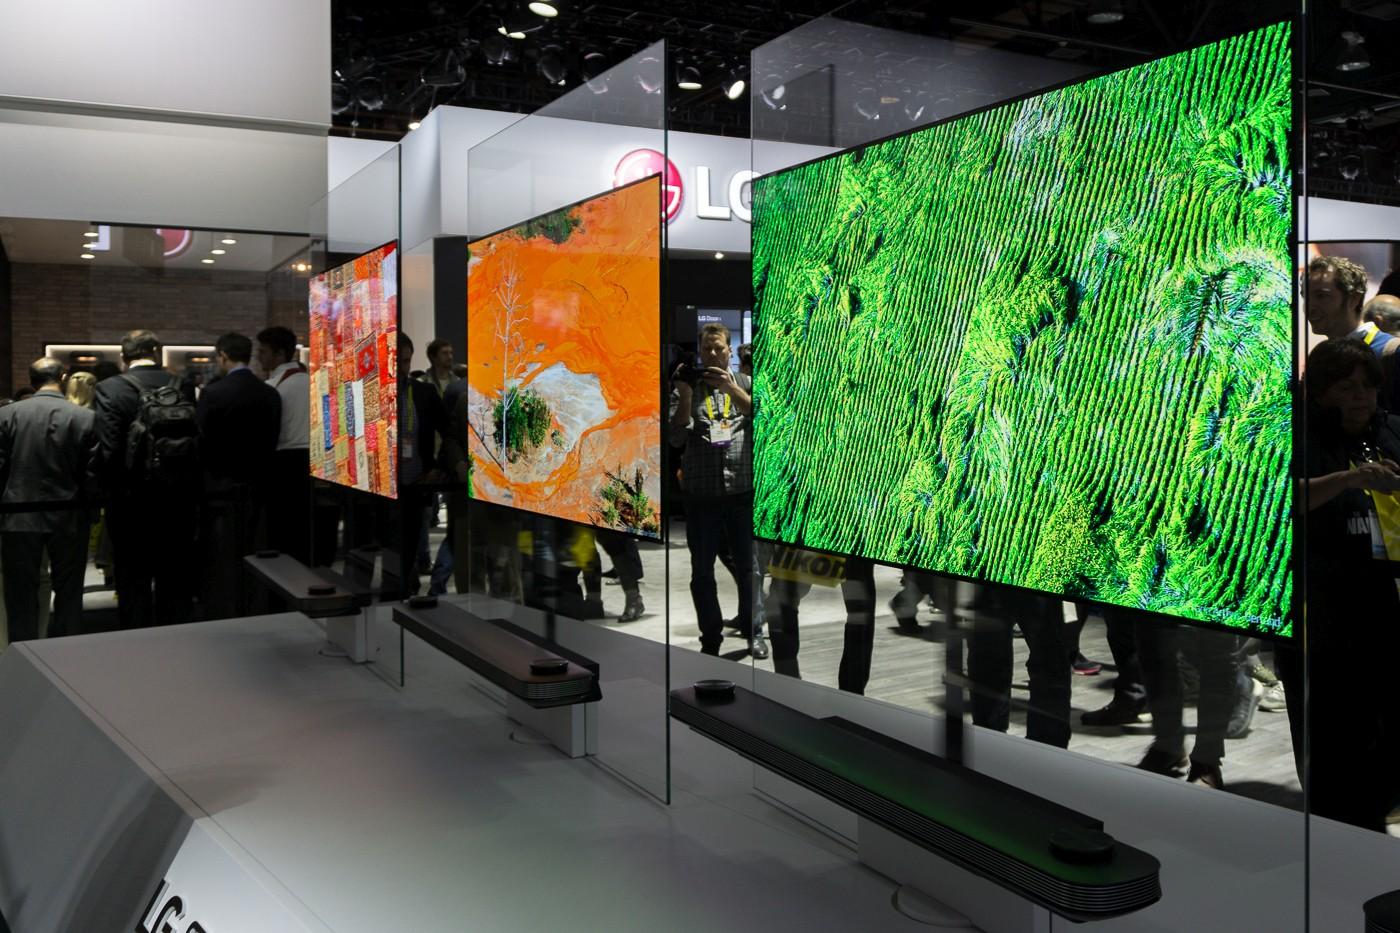 LG na CES 2017 - Signature W7